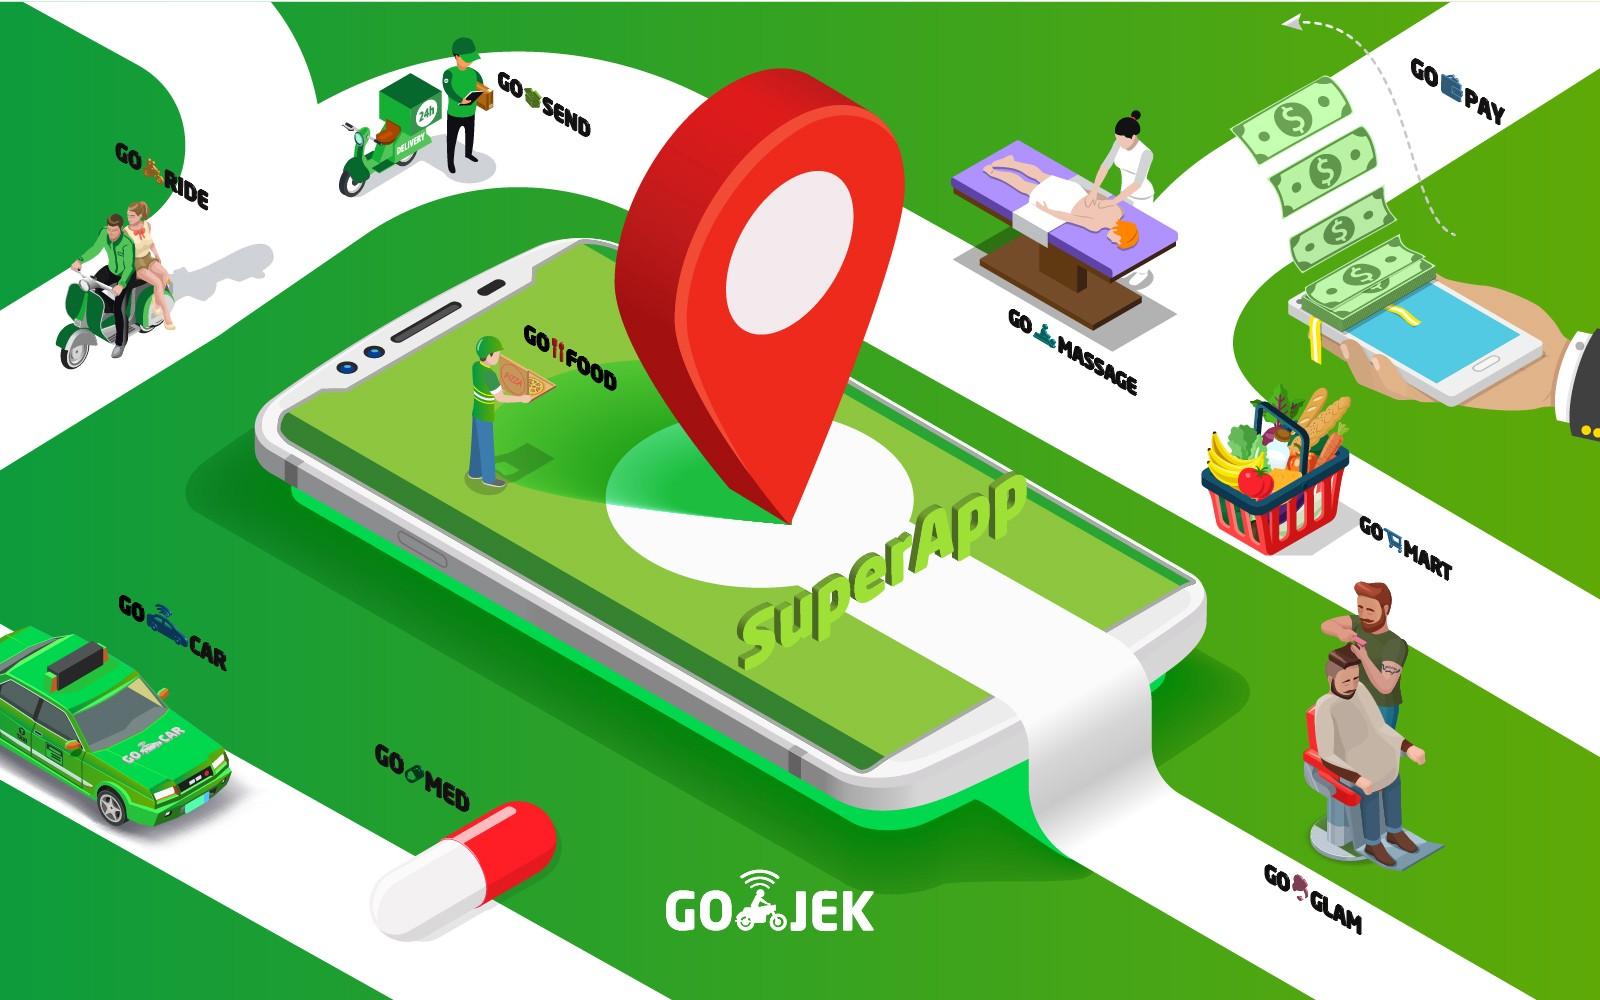 go-jek, nadiem makarim - 9 1571646362 - Trước khi từ chức CEO, Nadiem Makarim đã xây dựng Go-Jek thành 'siêu kỳ lân' như thế nào?